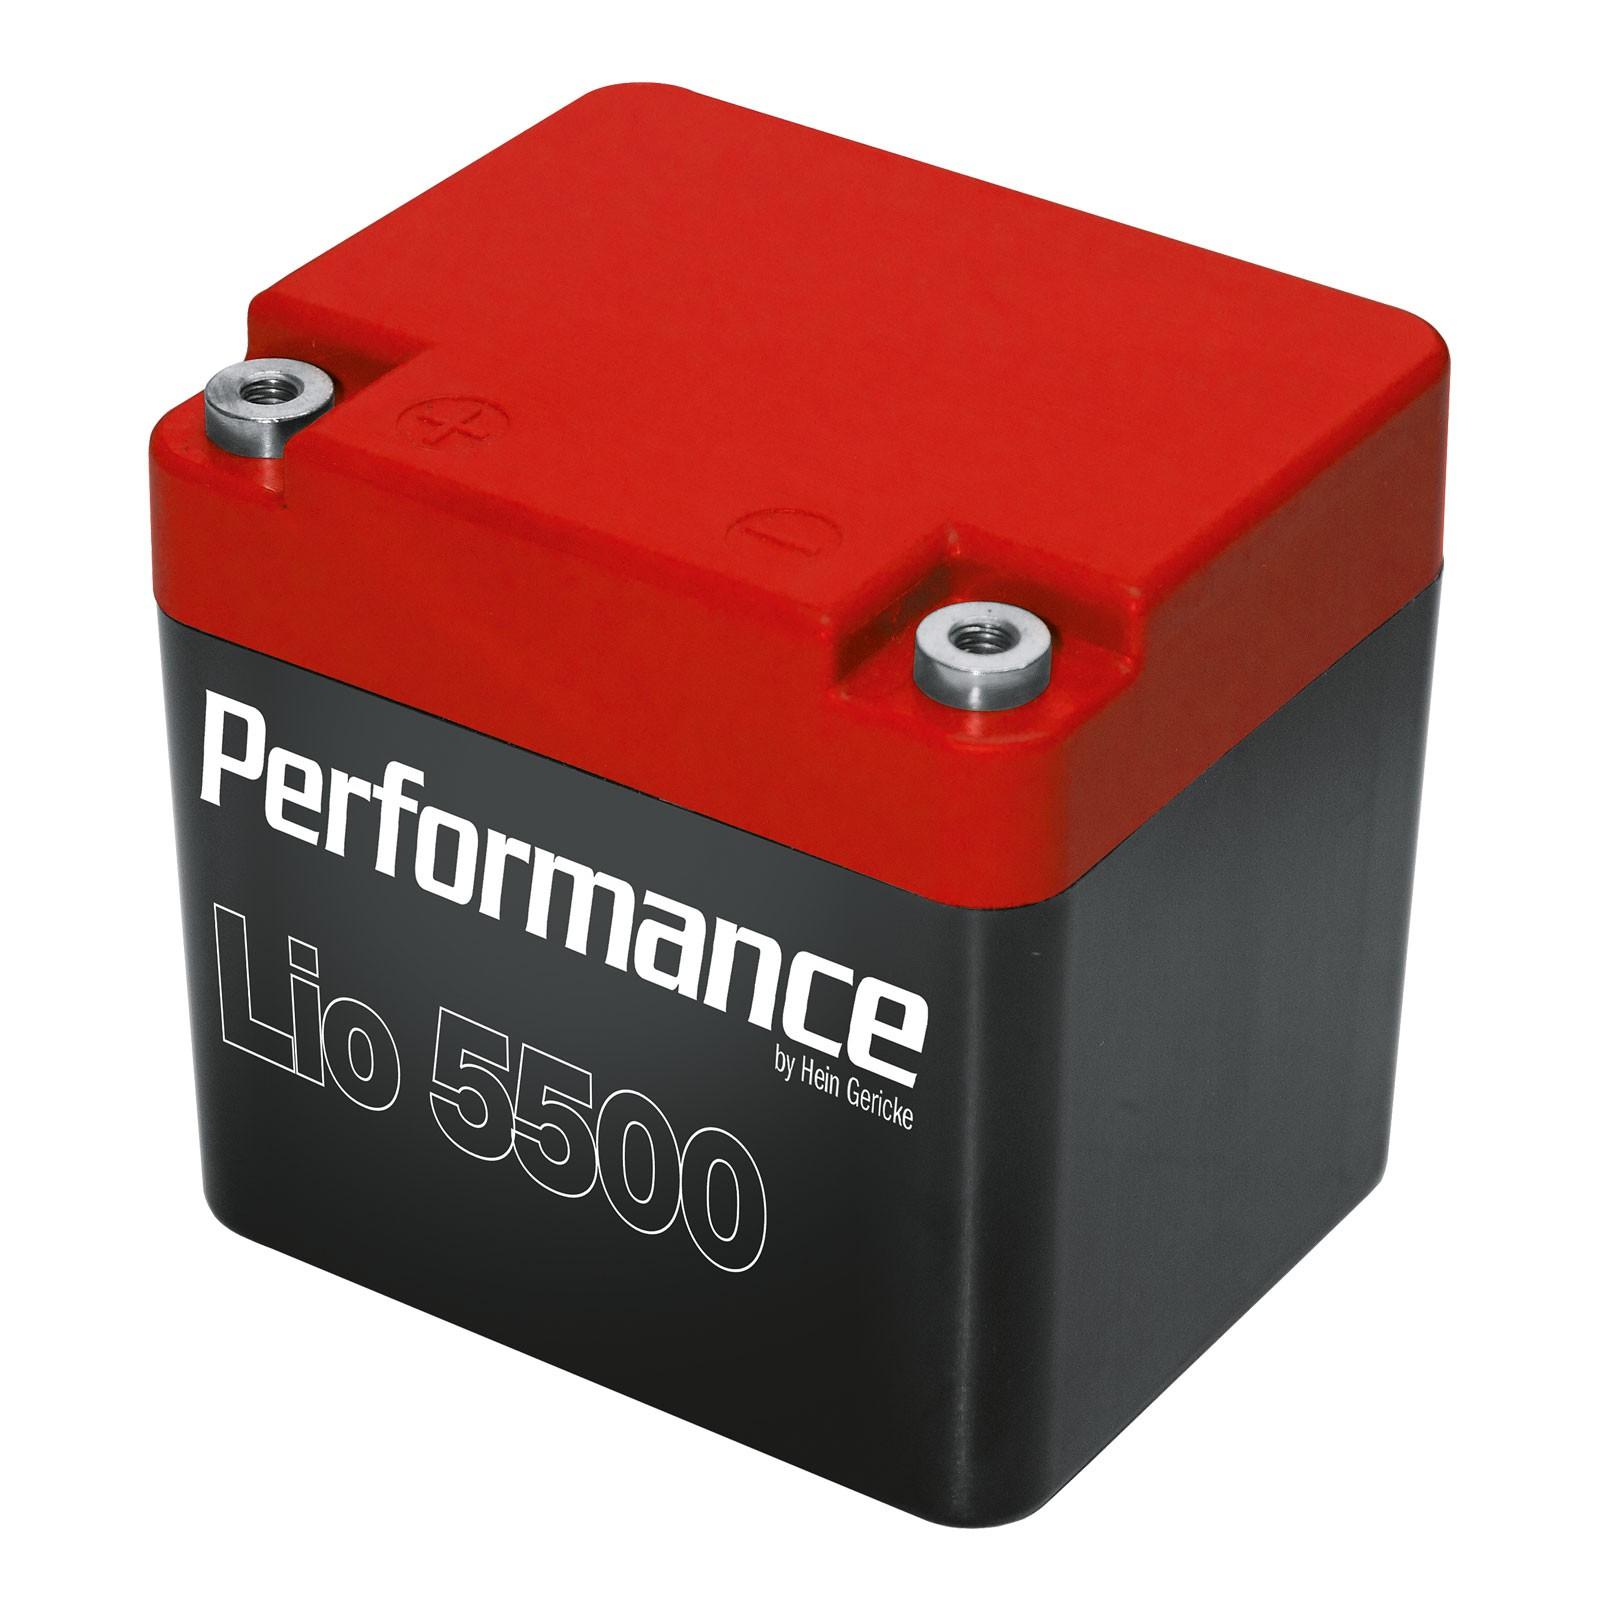 Performance Lithium Ionen Batterie LBP5500 von Hein-Gericke für 84€ ab 20 Uhr